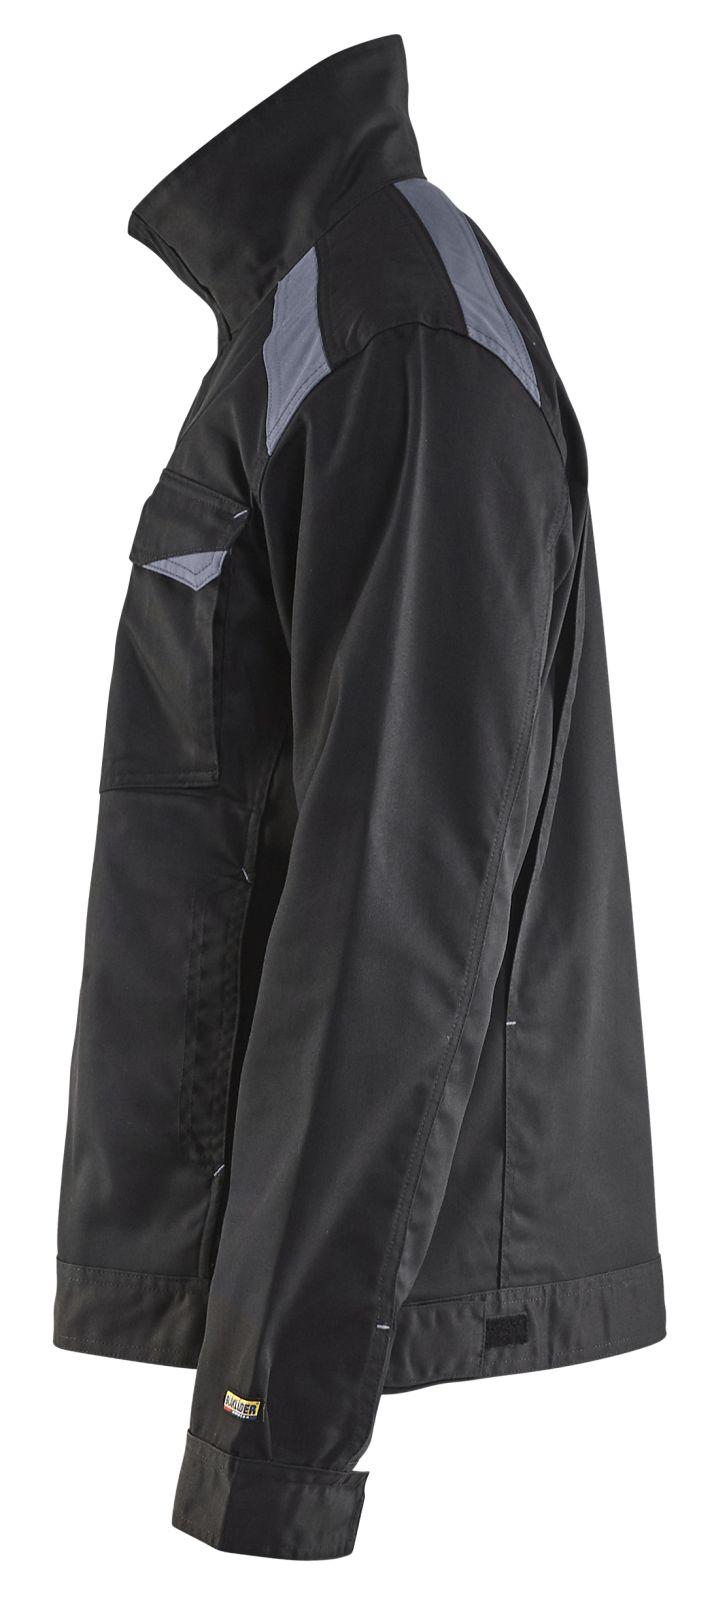 Blaklader Combi-jacks 40541210 zwart-grijs(9994)